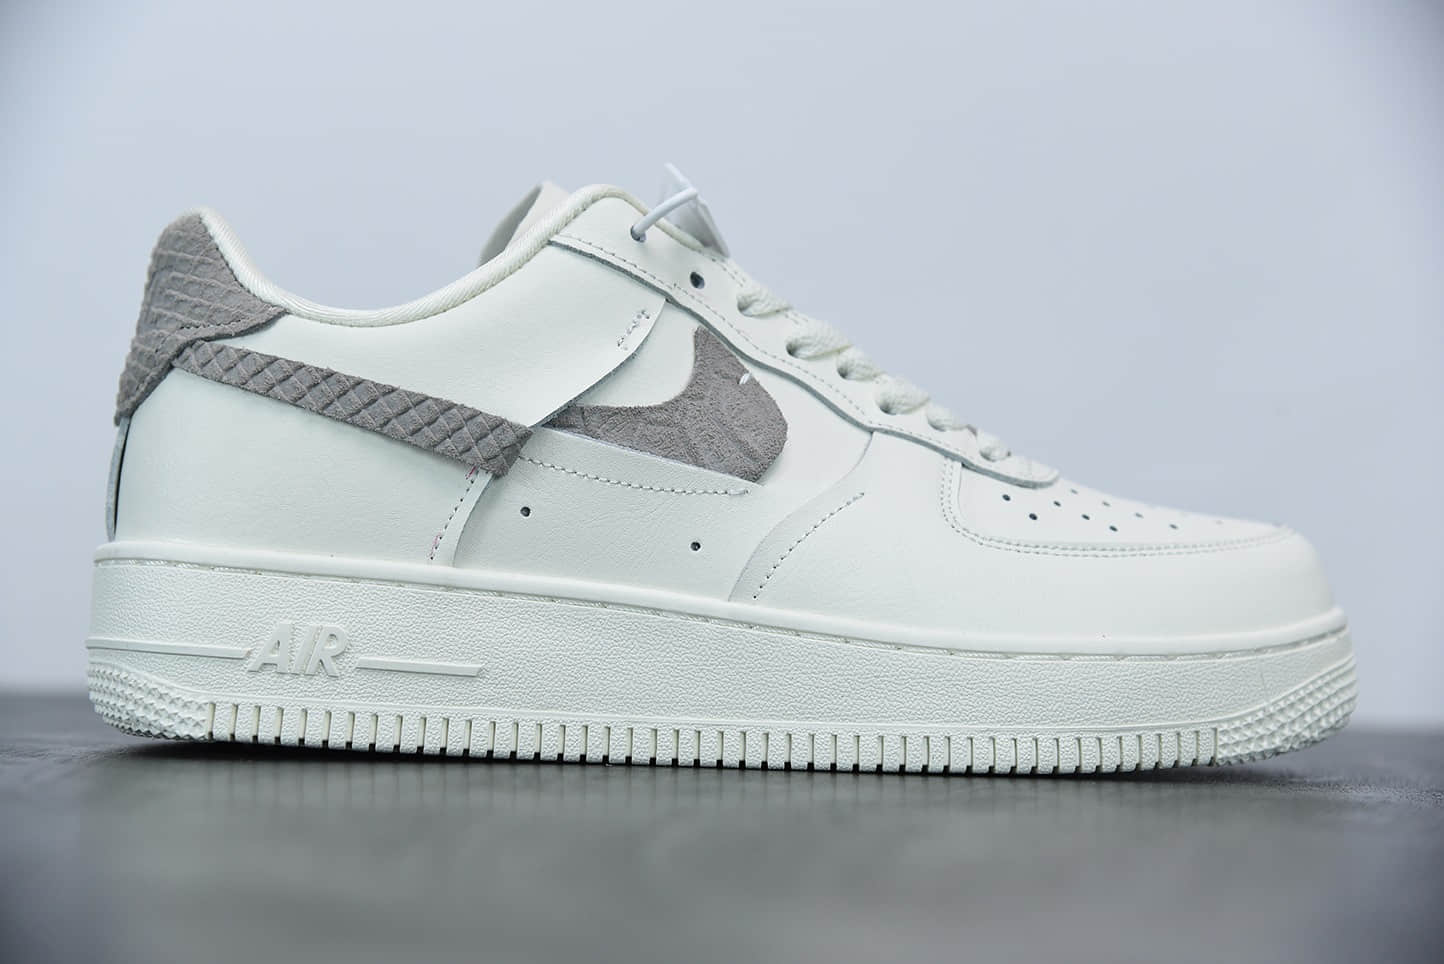 耐克Nike Air Force 1 '07 Lxx LT 鸳鸯断勾空军一号经典低帮百搭休闲运动板鞋纯原版本 货号:DH3869-001